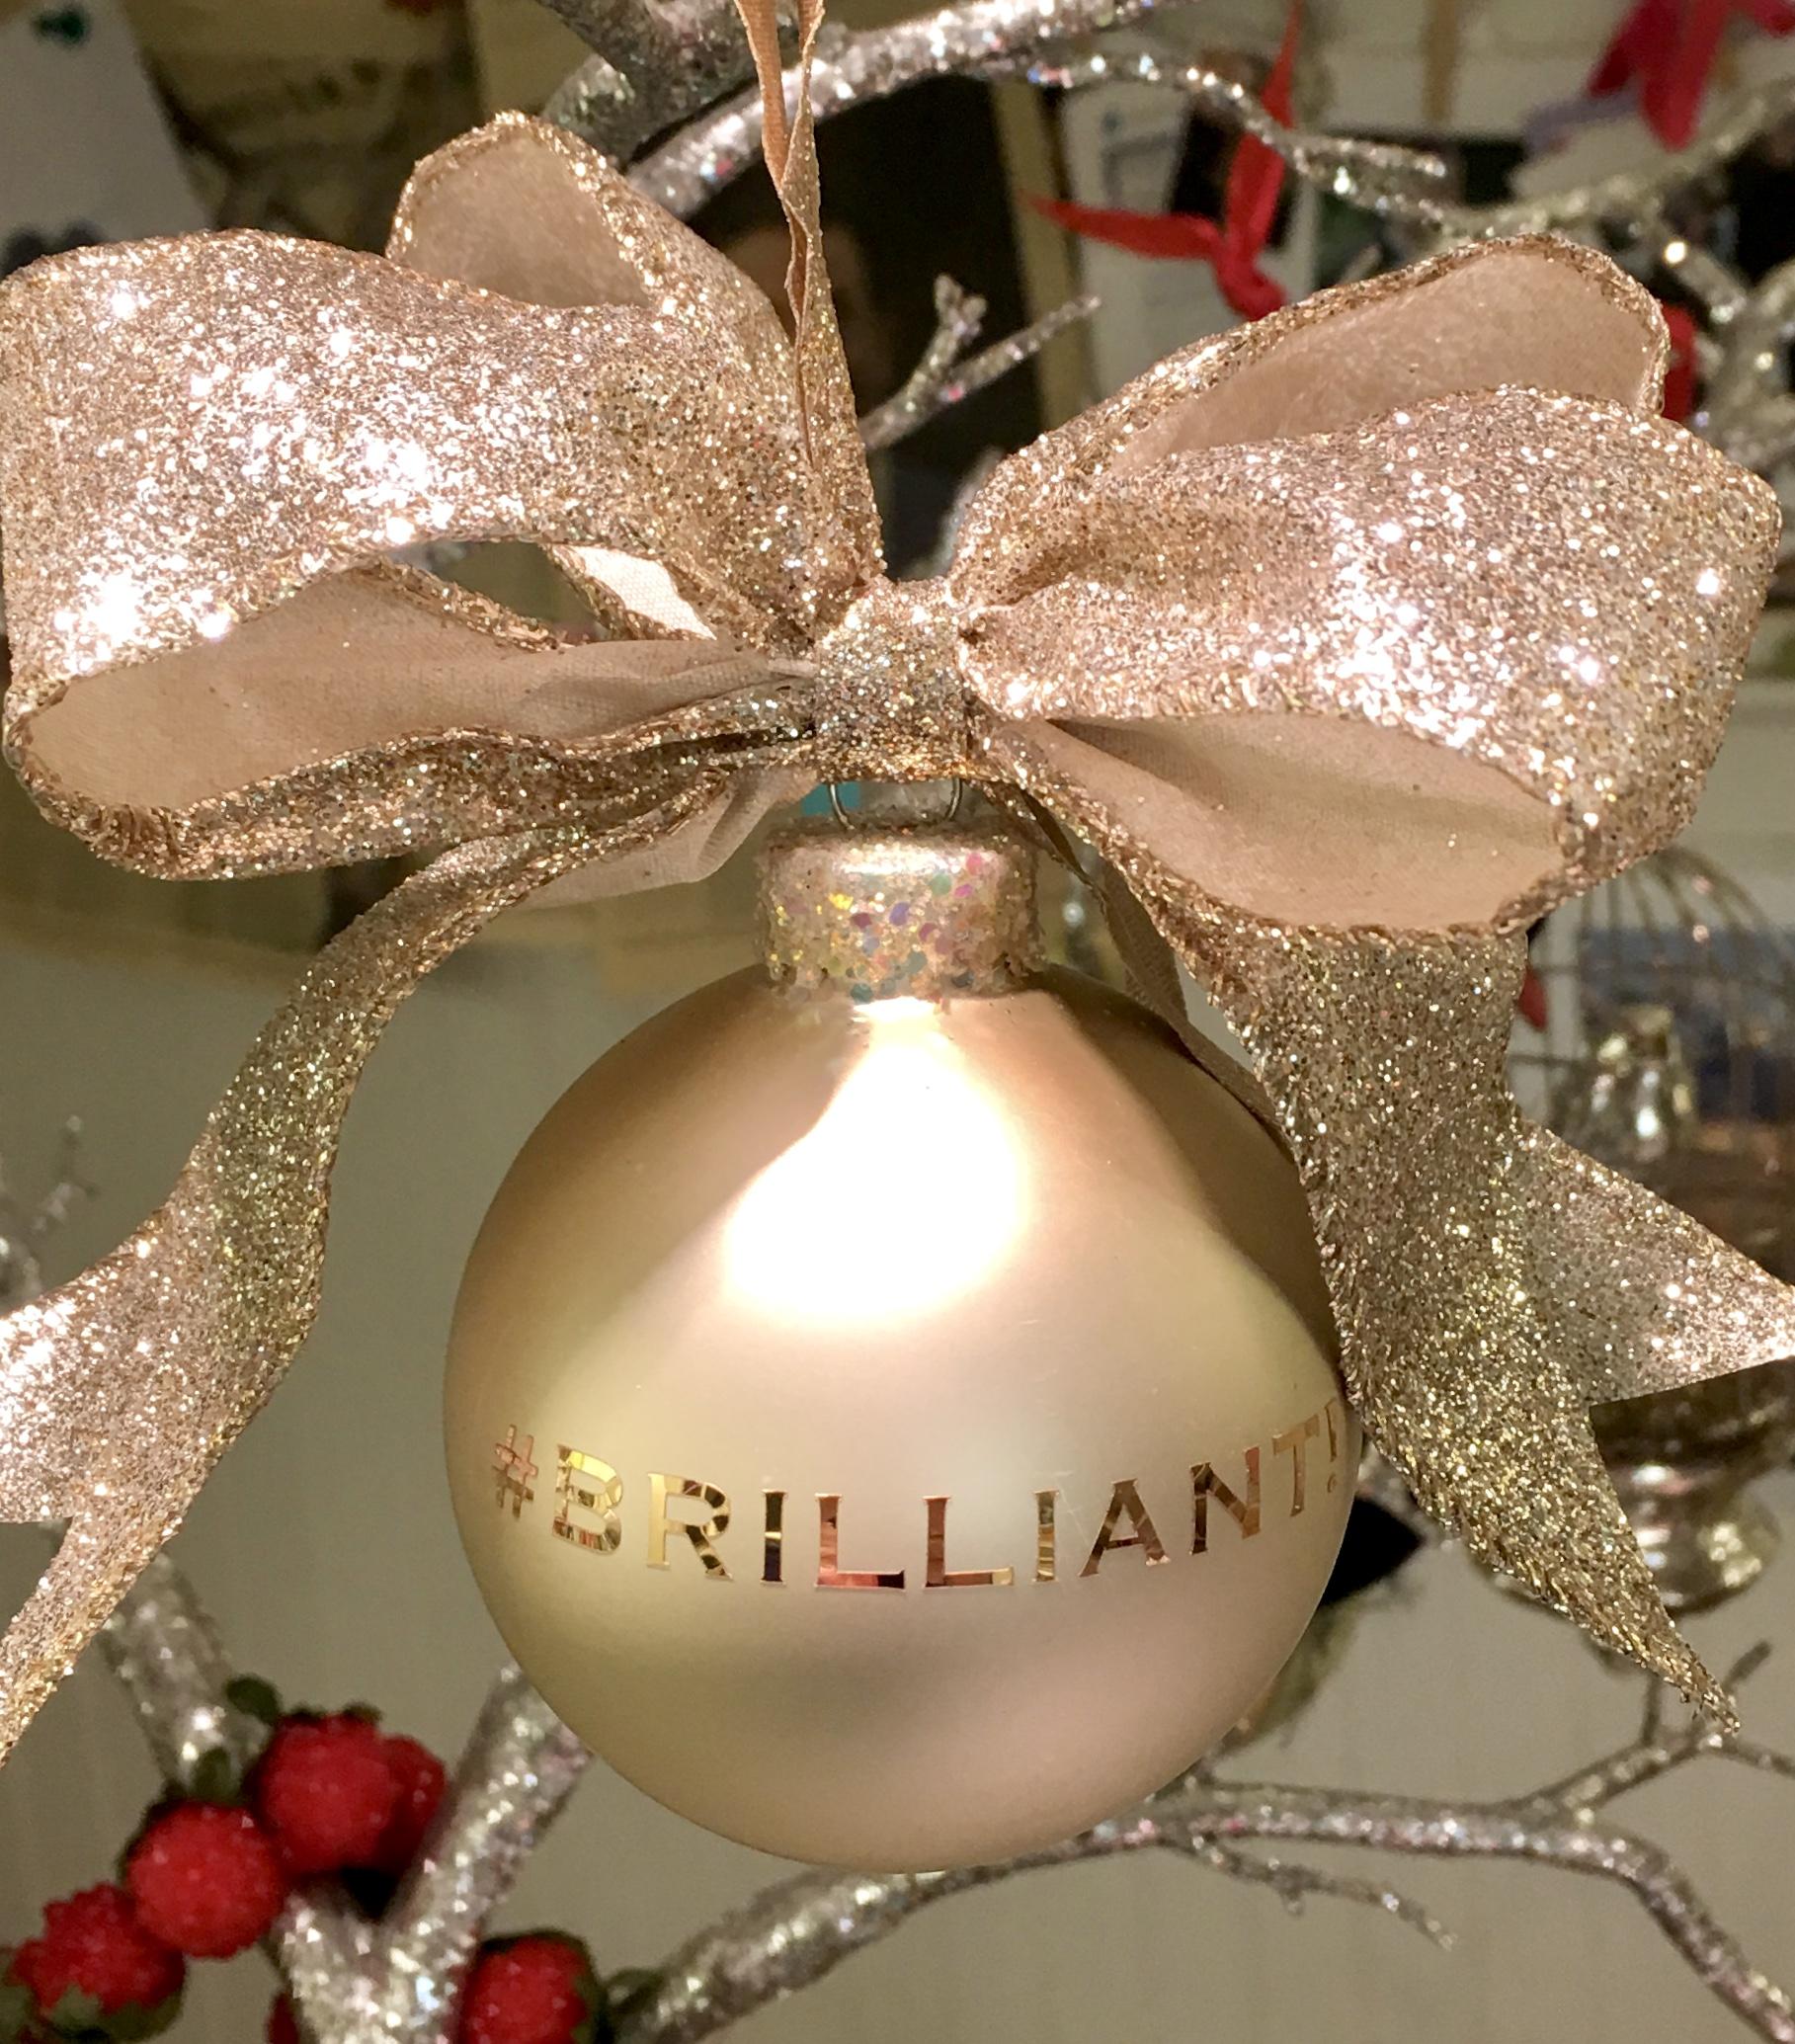 BRILLIANT! glass ornament